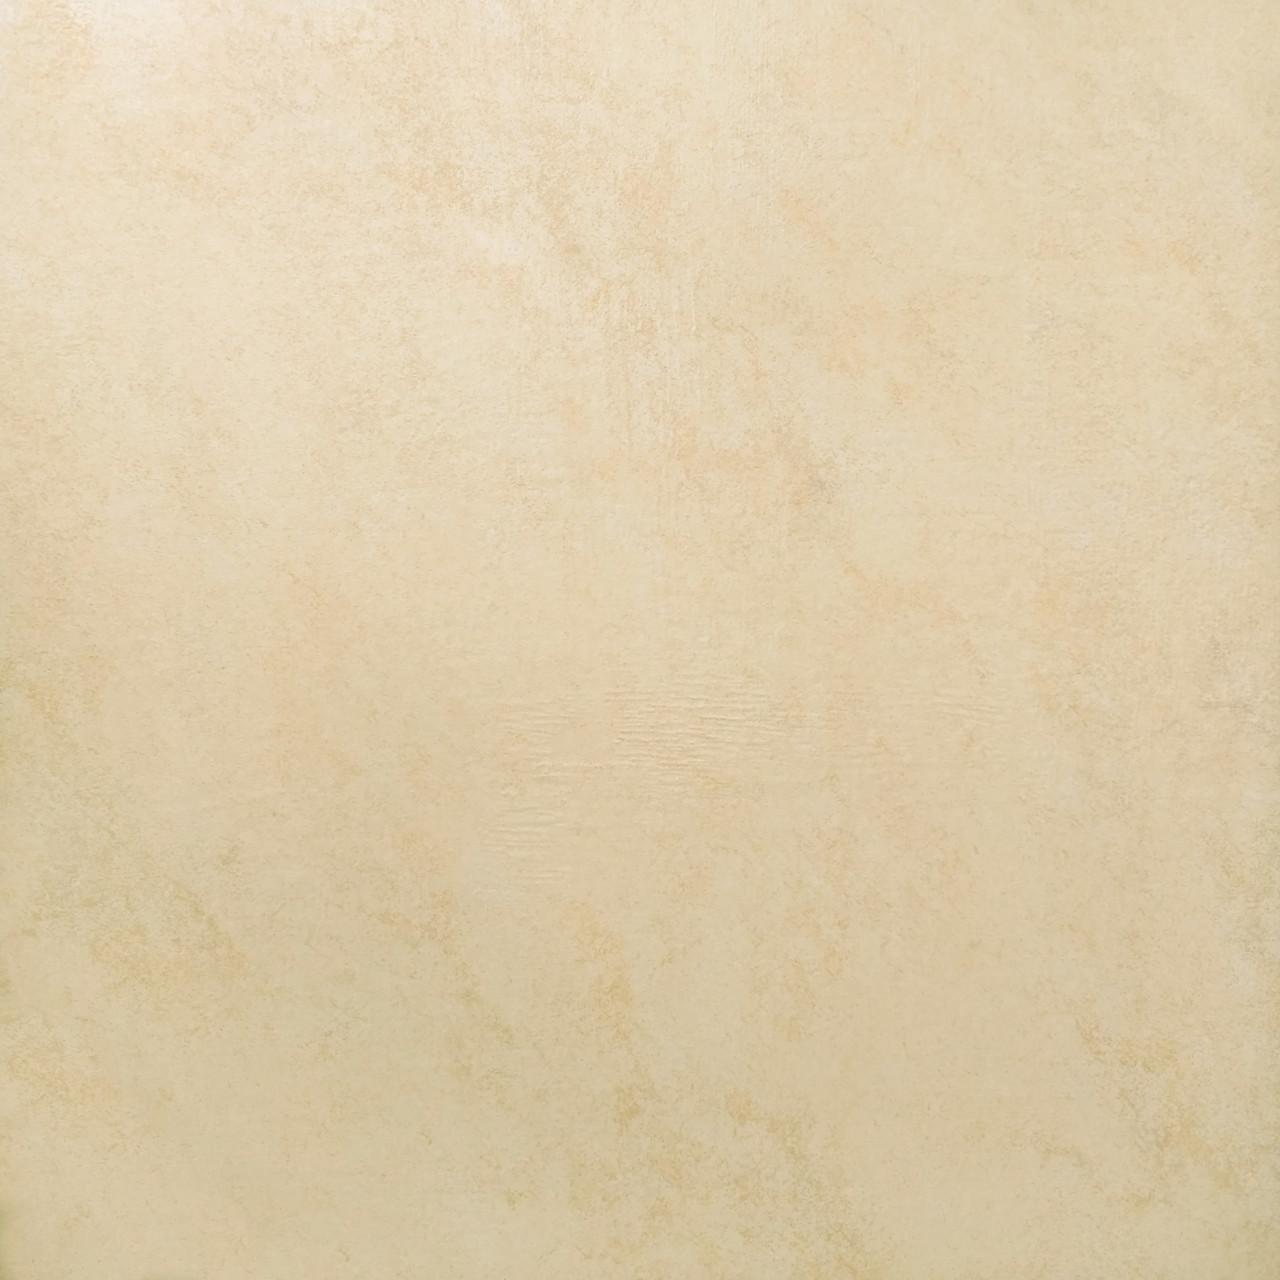 Плитка для пола ГРЕС ректиф. 600x600x20 R Sierra Beige сорт S